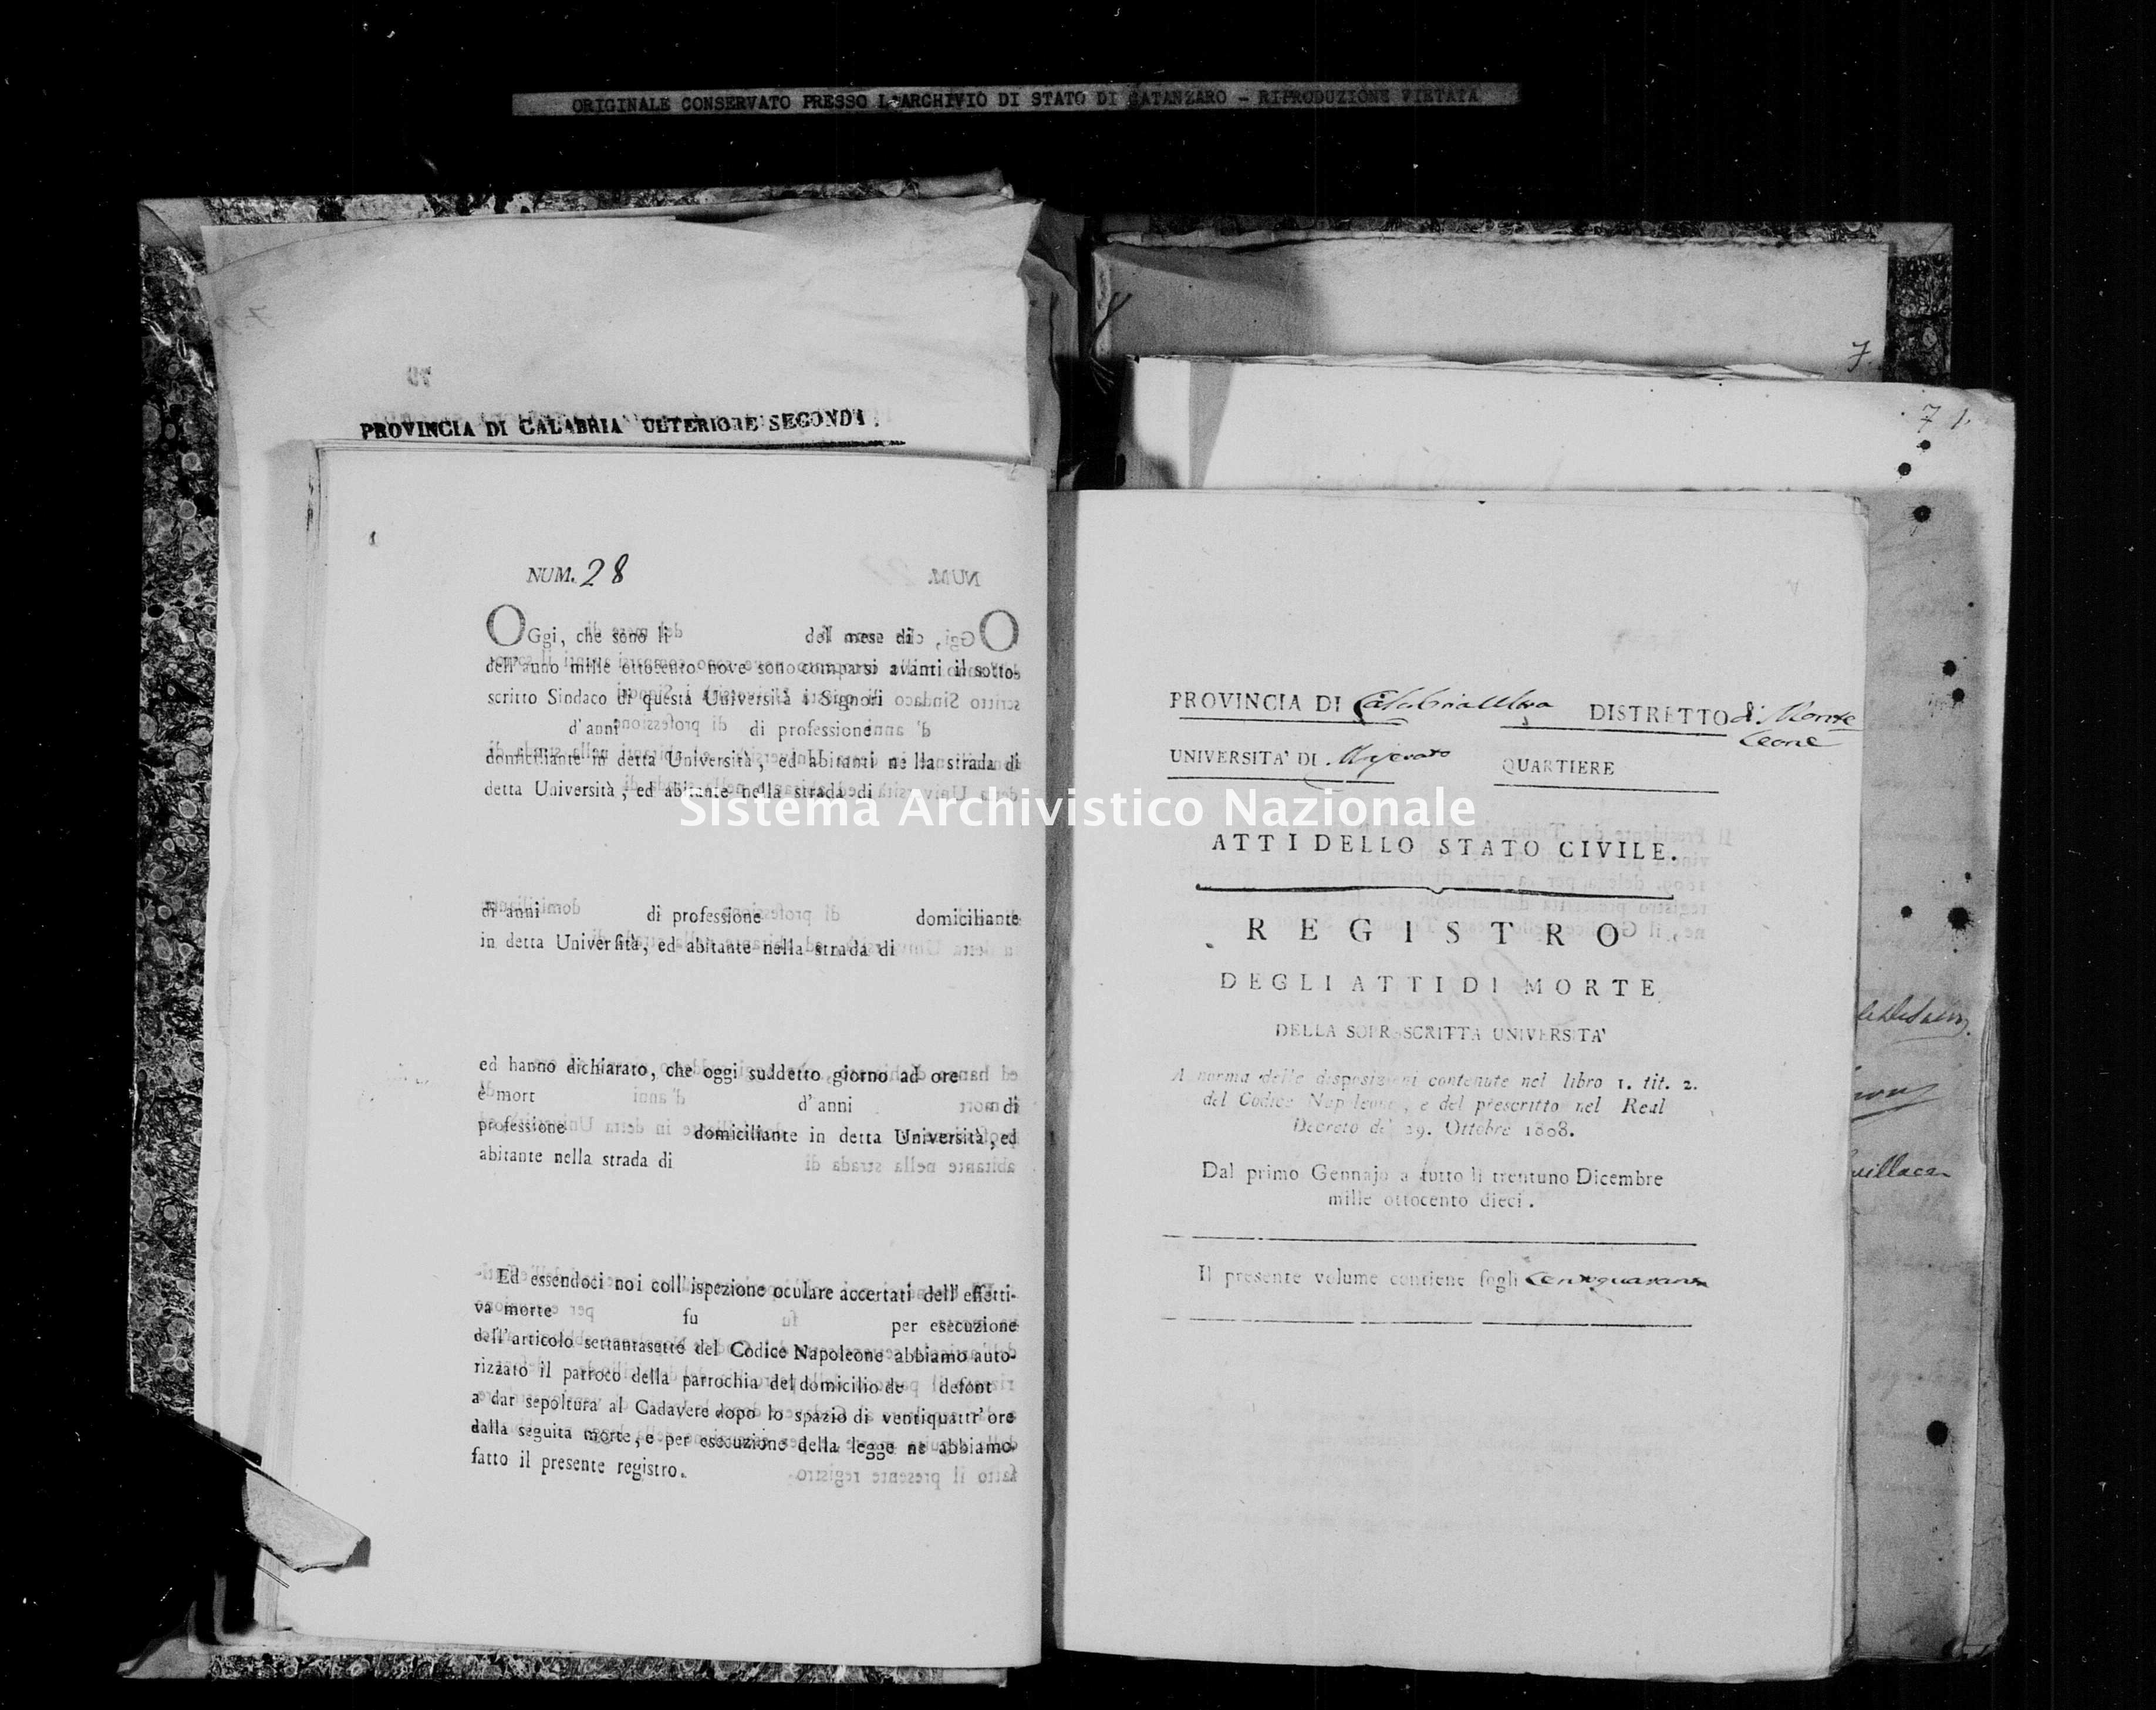 Archivio di stato di Catanzaro - Stato civile napoleonico - Maierato - Morti - 1810 -